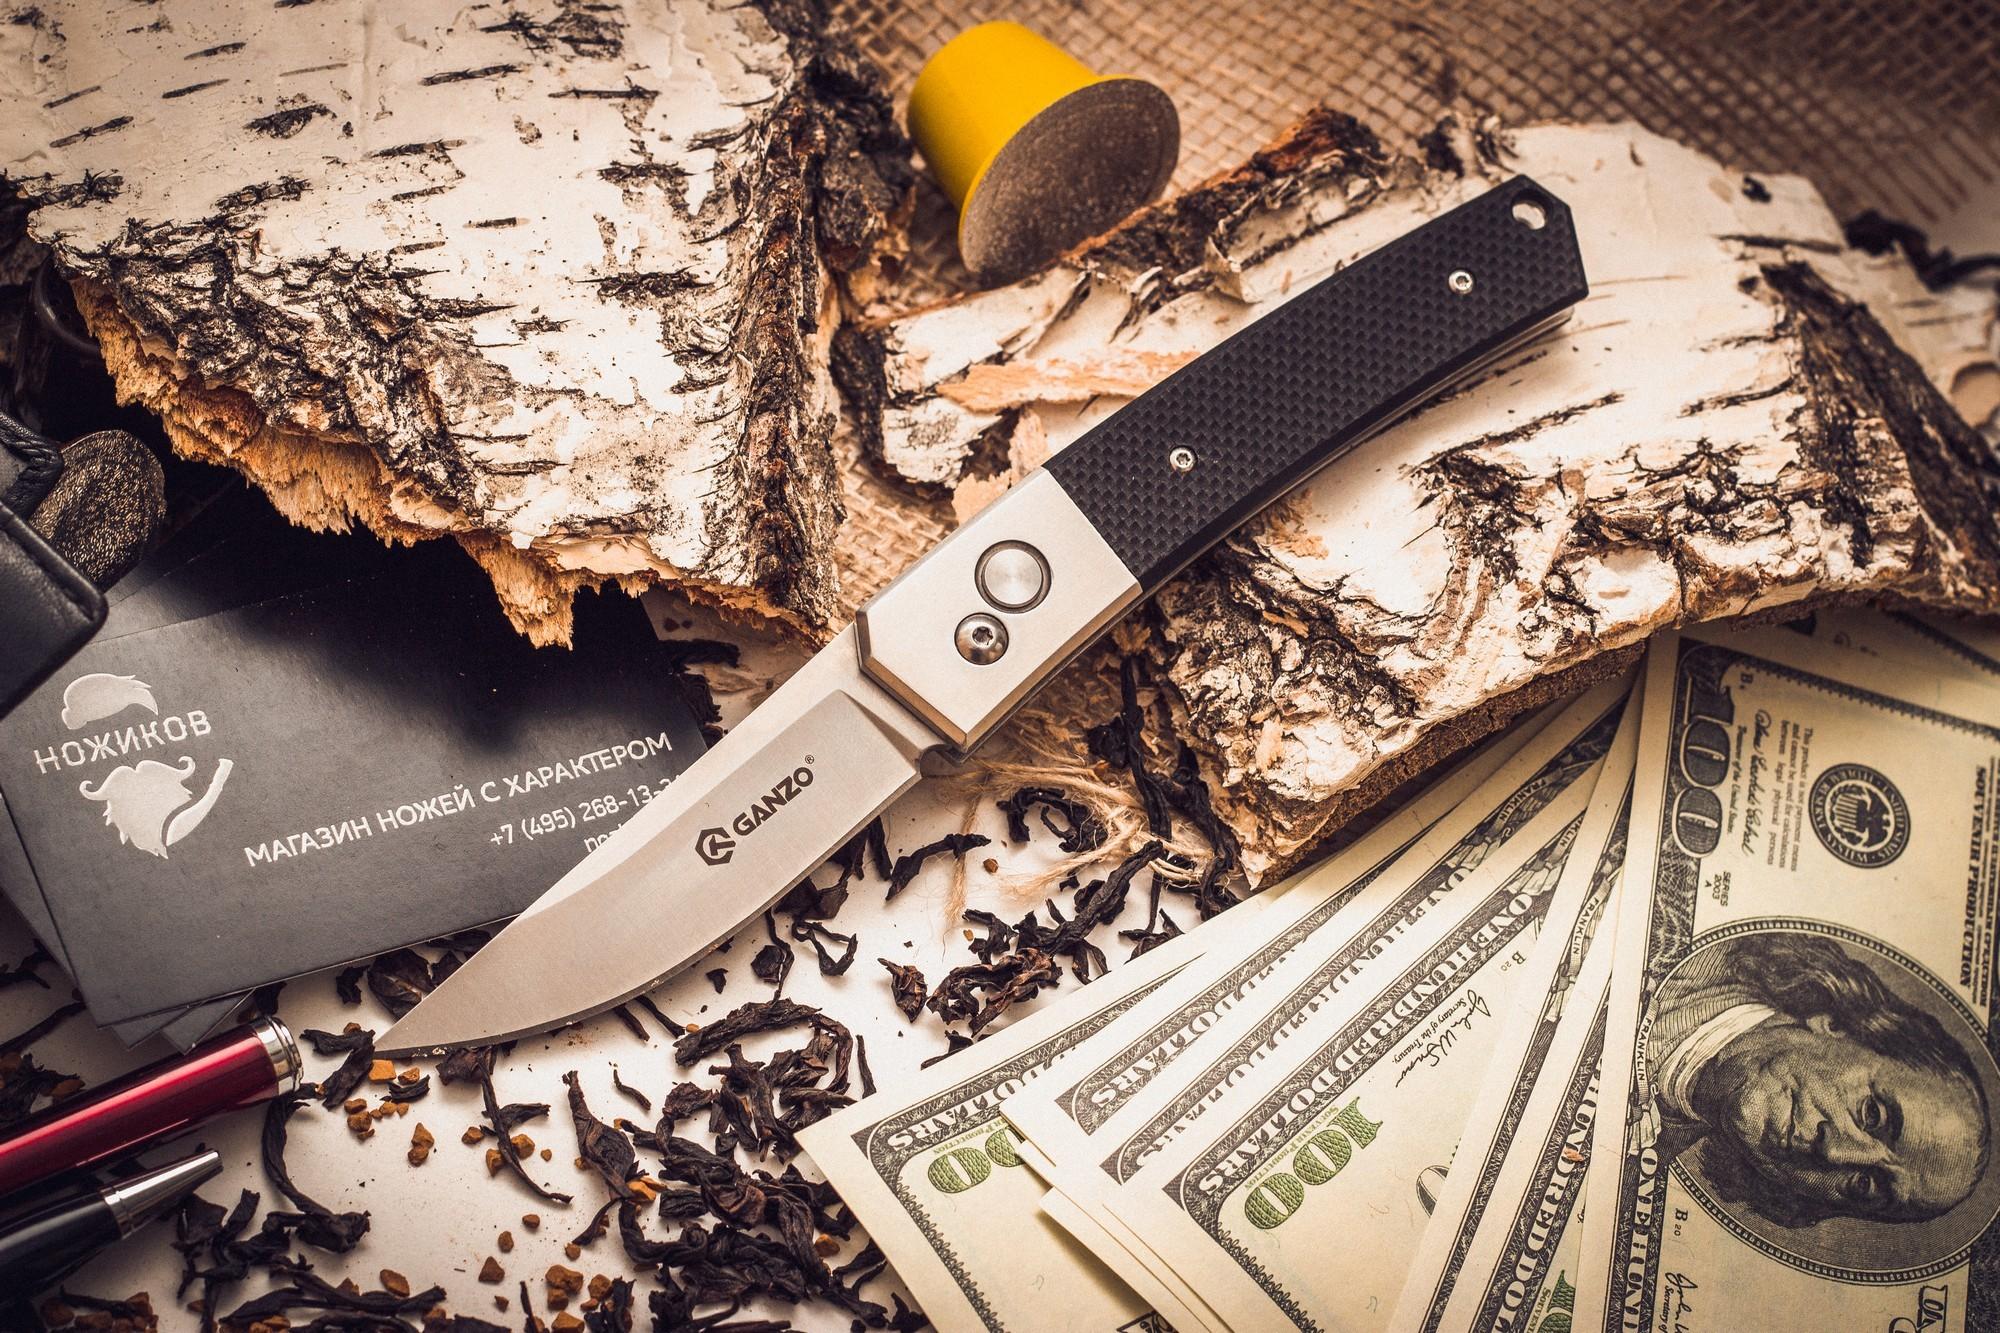 Складной нож Ganzo G7361, черныйGanzo<br>Если вам нужен универсальный вариант ножа, который подойдет и для ежедневной эксплуатации в городских условиях, и для поездок на природе, то хорошим решением будет купить Ganzo G7361. Эта модель изготовлена из надежных материалов и отличается очень сдержанным и лаконичным дизайном. Нож выглядит очень аккуратным, но способен работать практически с любыми материалами.<br>Клинок ножика сделан из стали марки 440С. Она относится к нержавеющим сплавам, но содержит достаточно большое количество углерода, чтобы металл приобрел твердость примерно 58 HRC. Такая твердость способствует тому, чтобы нож не нужно было слишком часто затачивать, но при необходимости, сделать это было бы просто при помощи обычной карманной точилки. Поверхность лезвия обработана методом шлифовки, благодаря чему она гладкая и глянцевая. Режущая кромка заточена классическим способом — гладко. Это также способствует универсальности ножа. Размер клинка равен 8 см по длине с толщиной по обуху 0,3 см.<br>